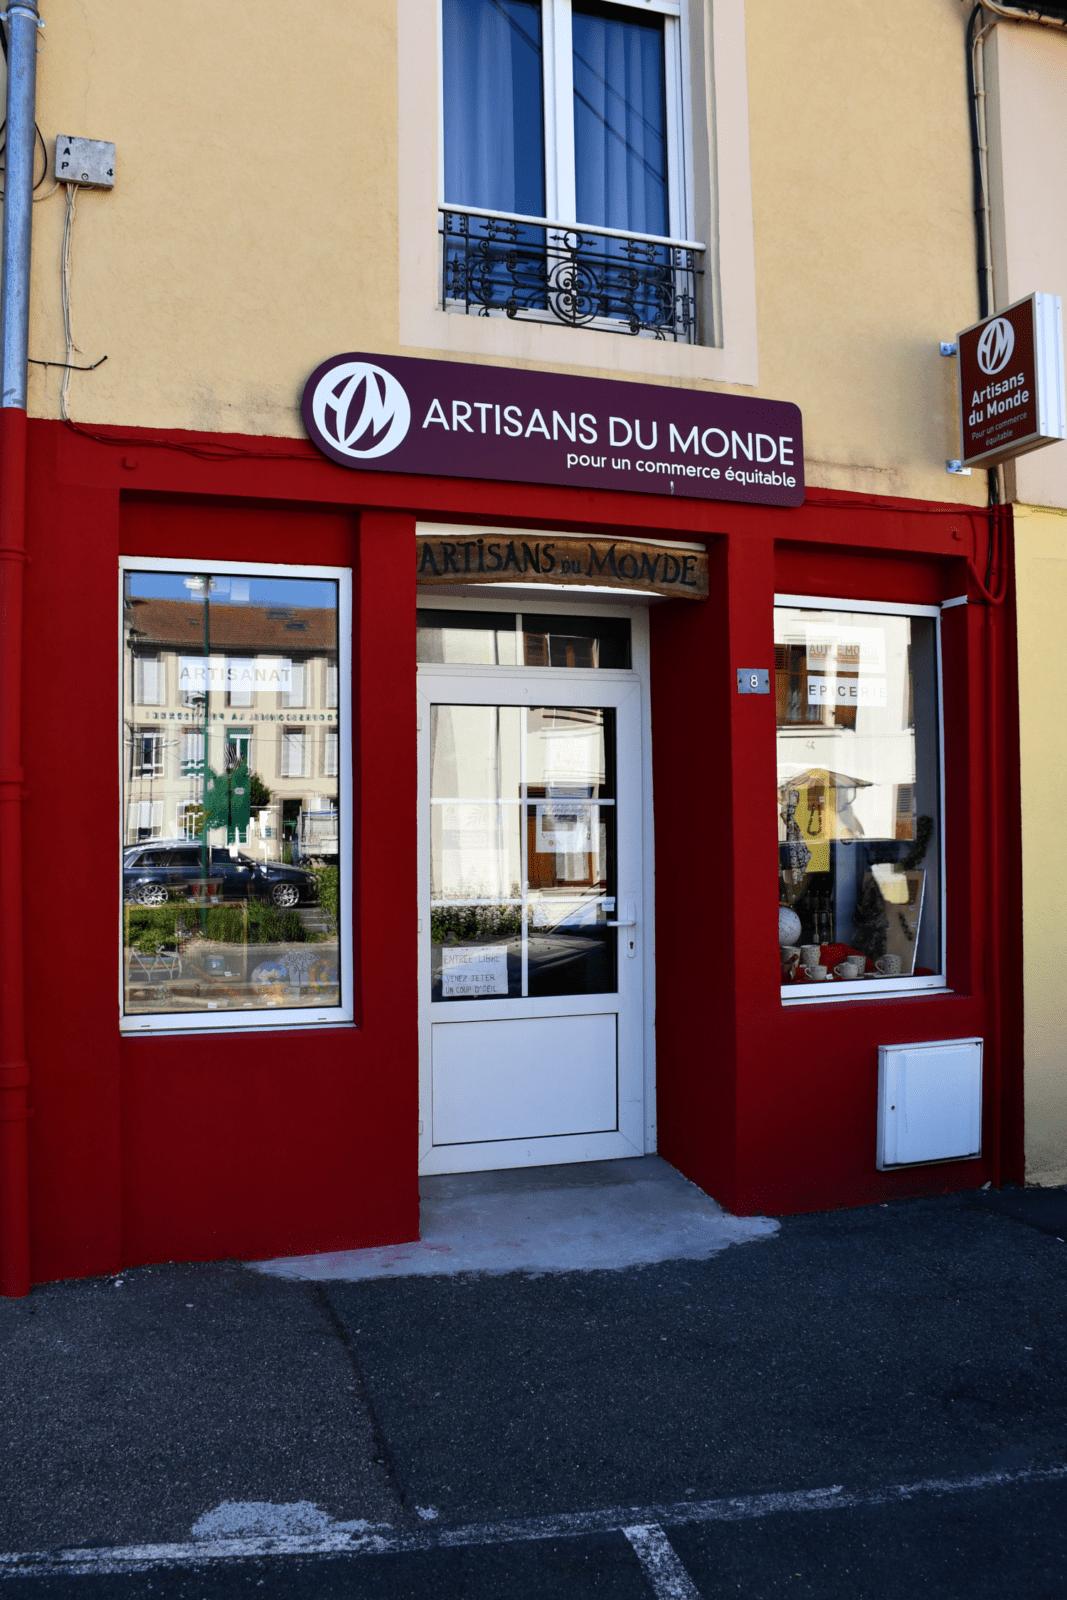 Boutique Artisans du monde